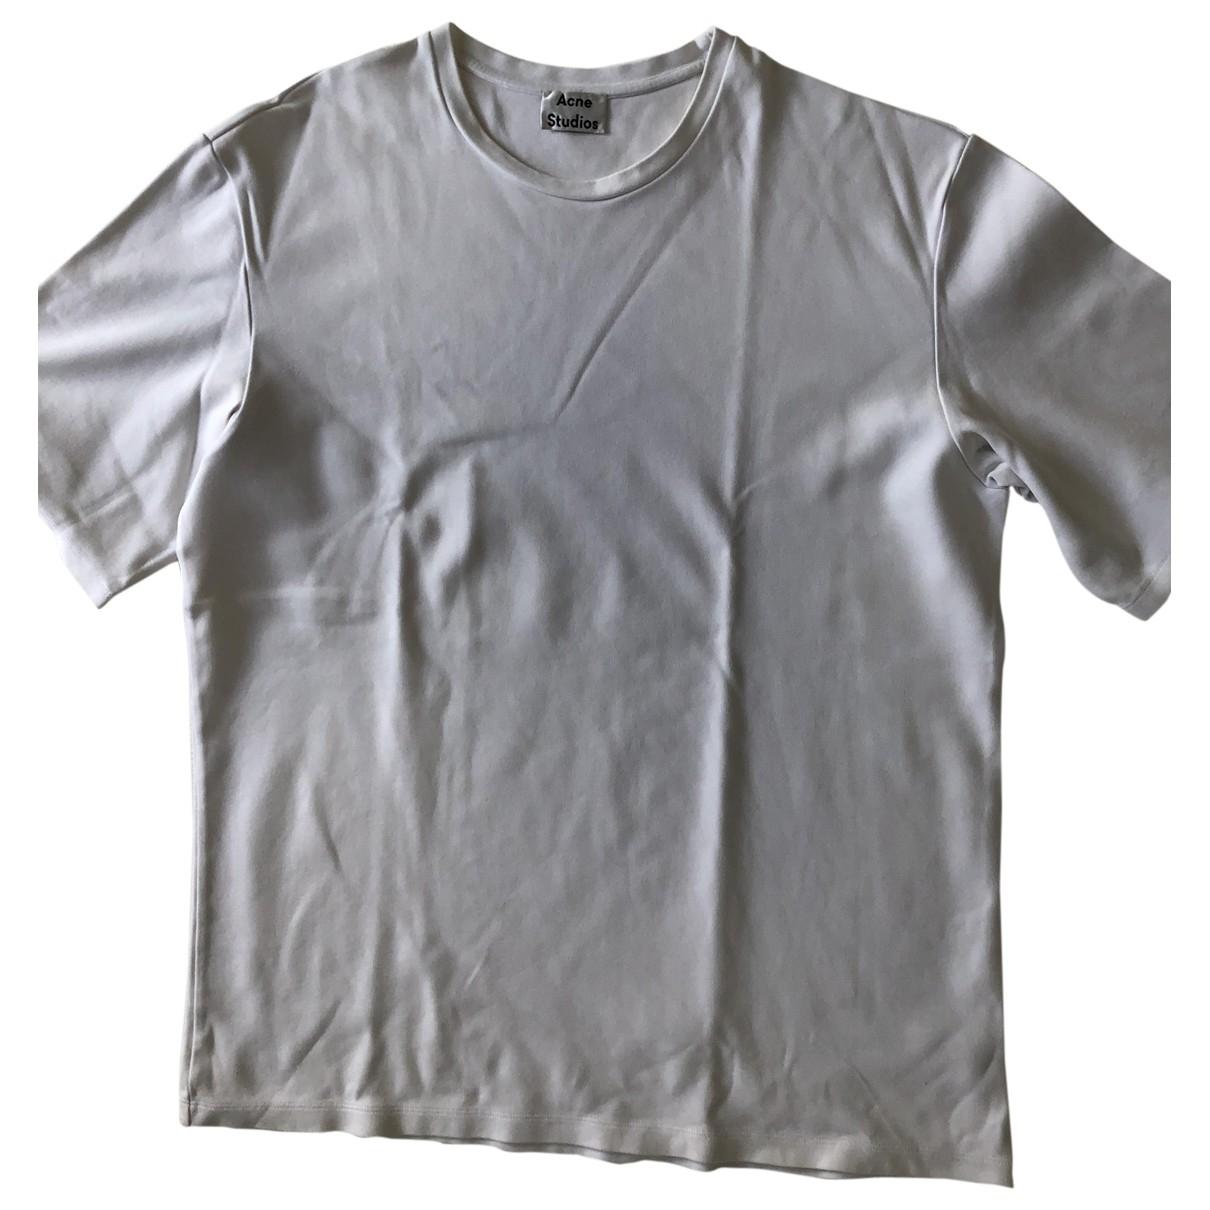 Acne Studios - Tee shirts   pour homme en coton - blanc